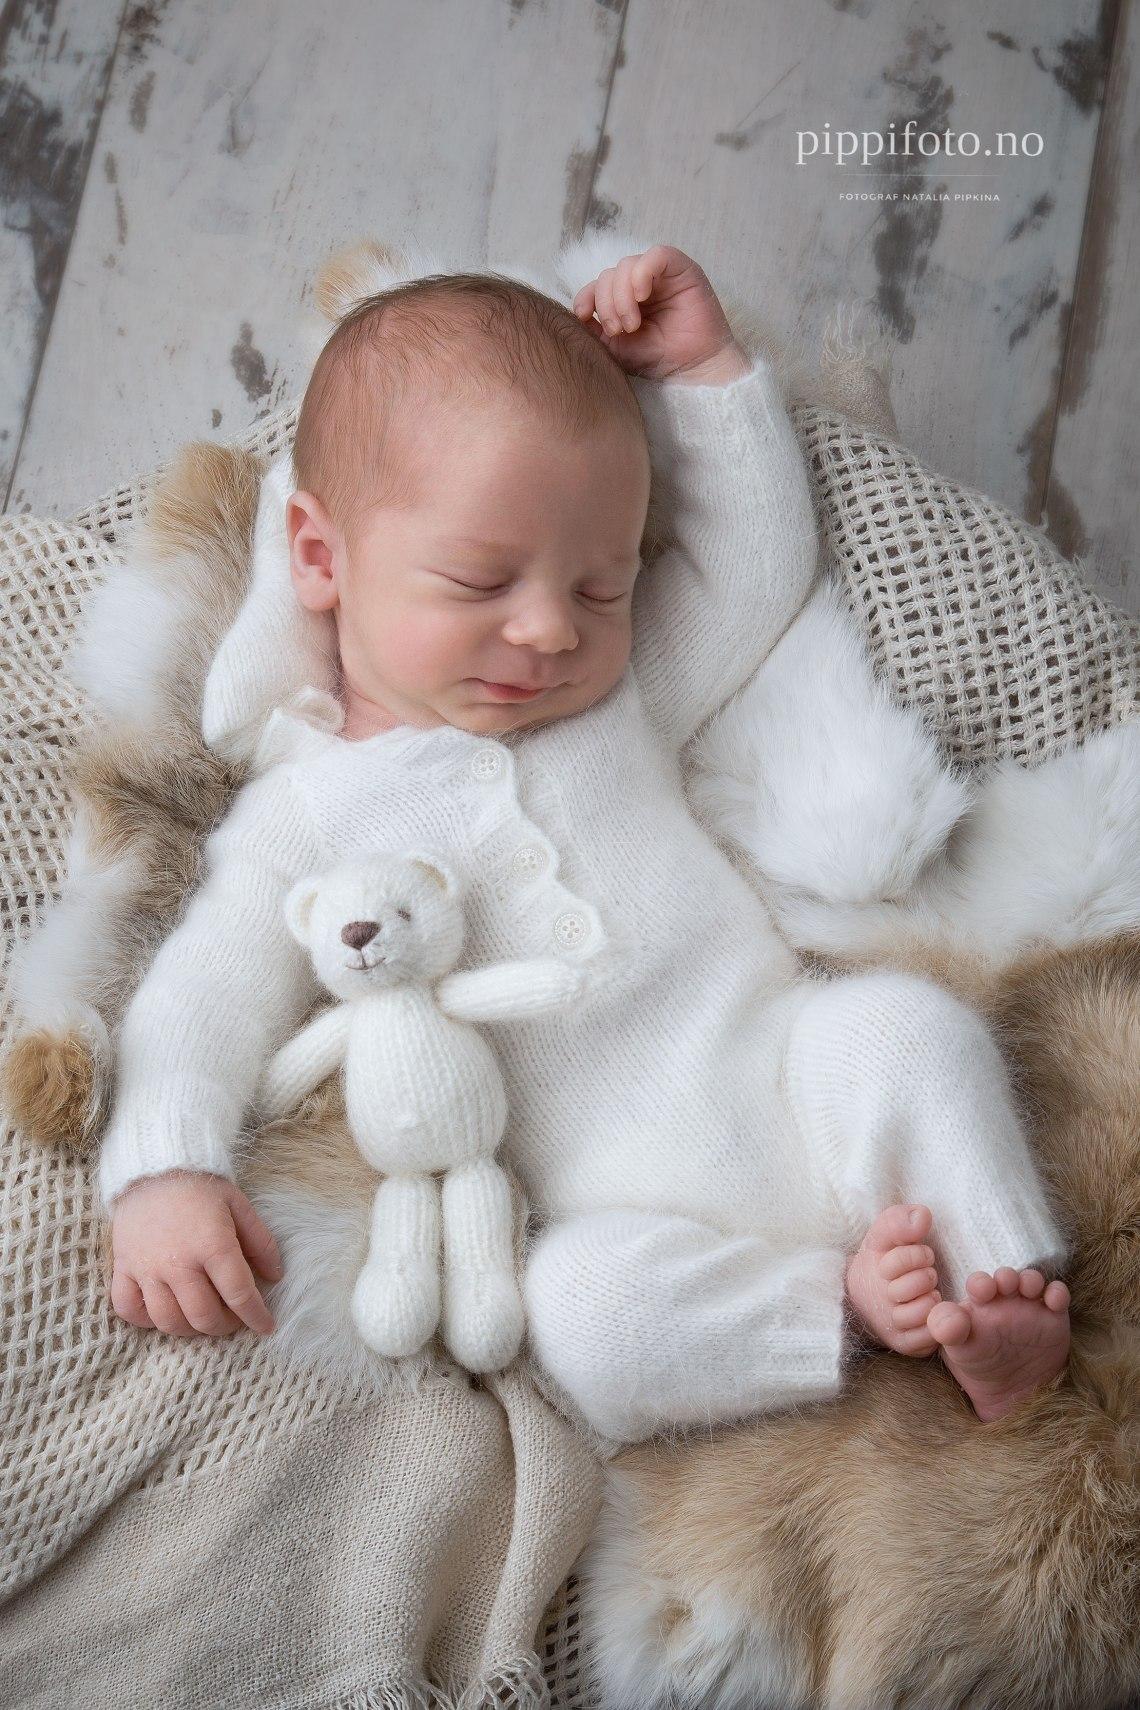 babyfoto-nyfoedtfotografering-oslo-nyfødtfoto-nyfødtgutt-babygutt-babyklær-fotograf-oslo